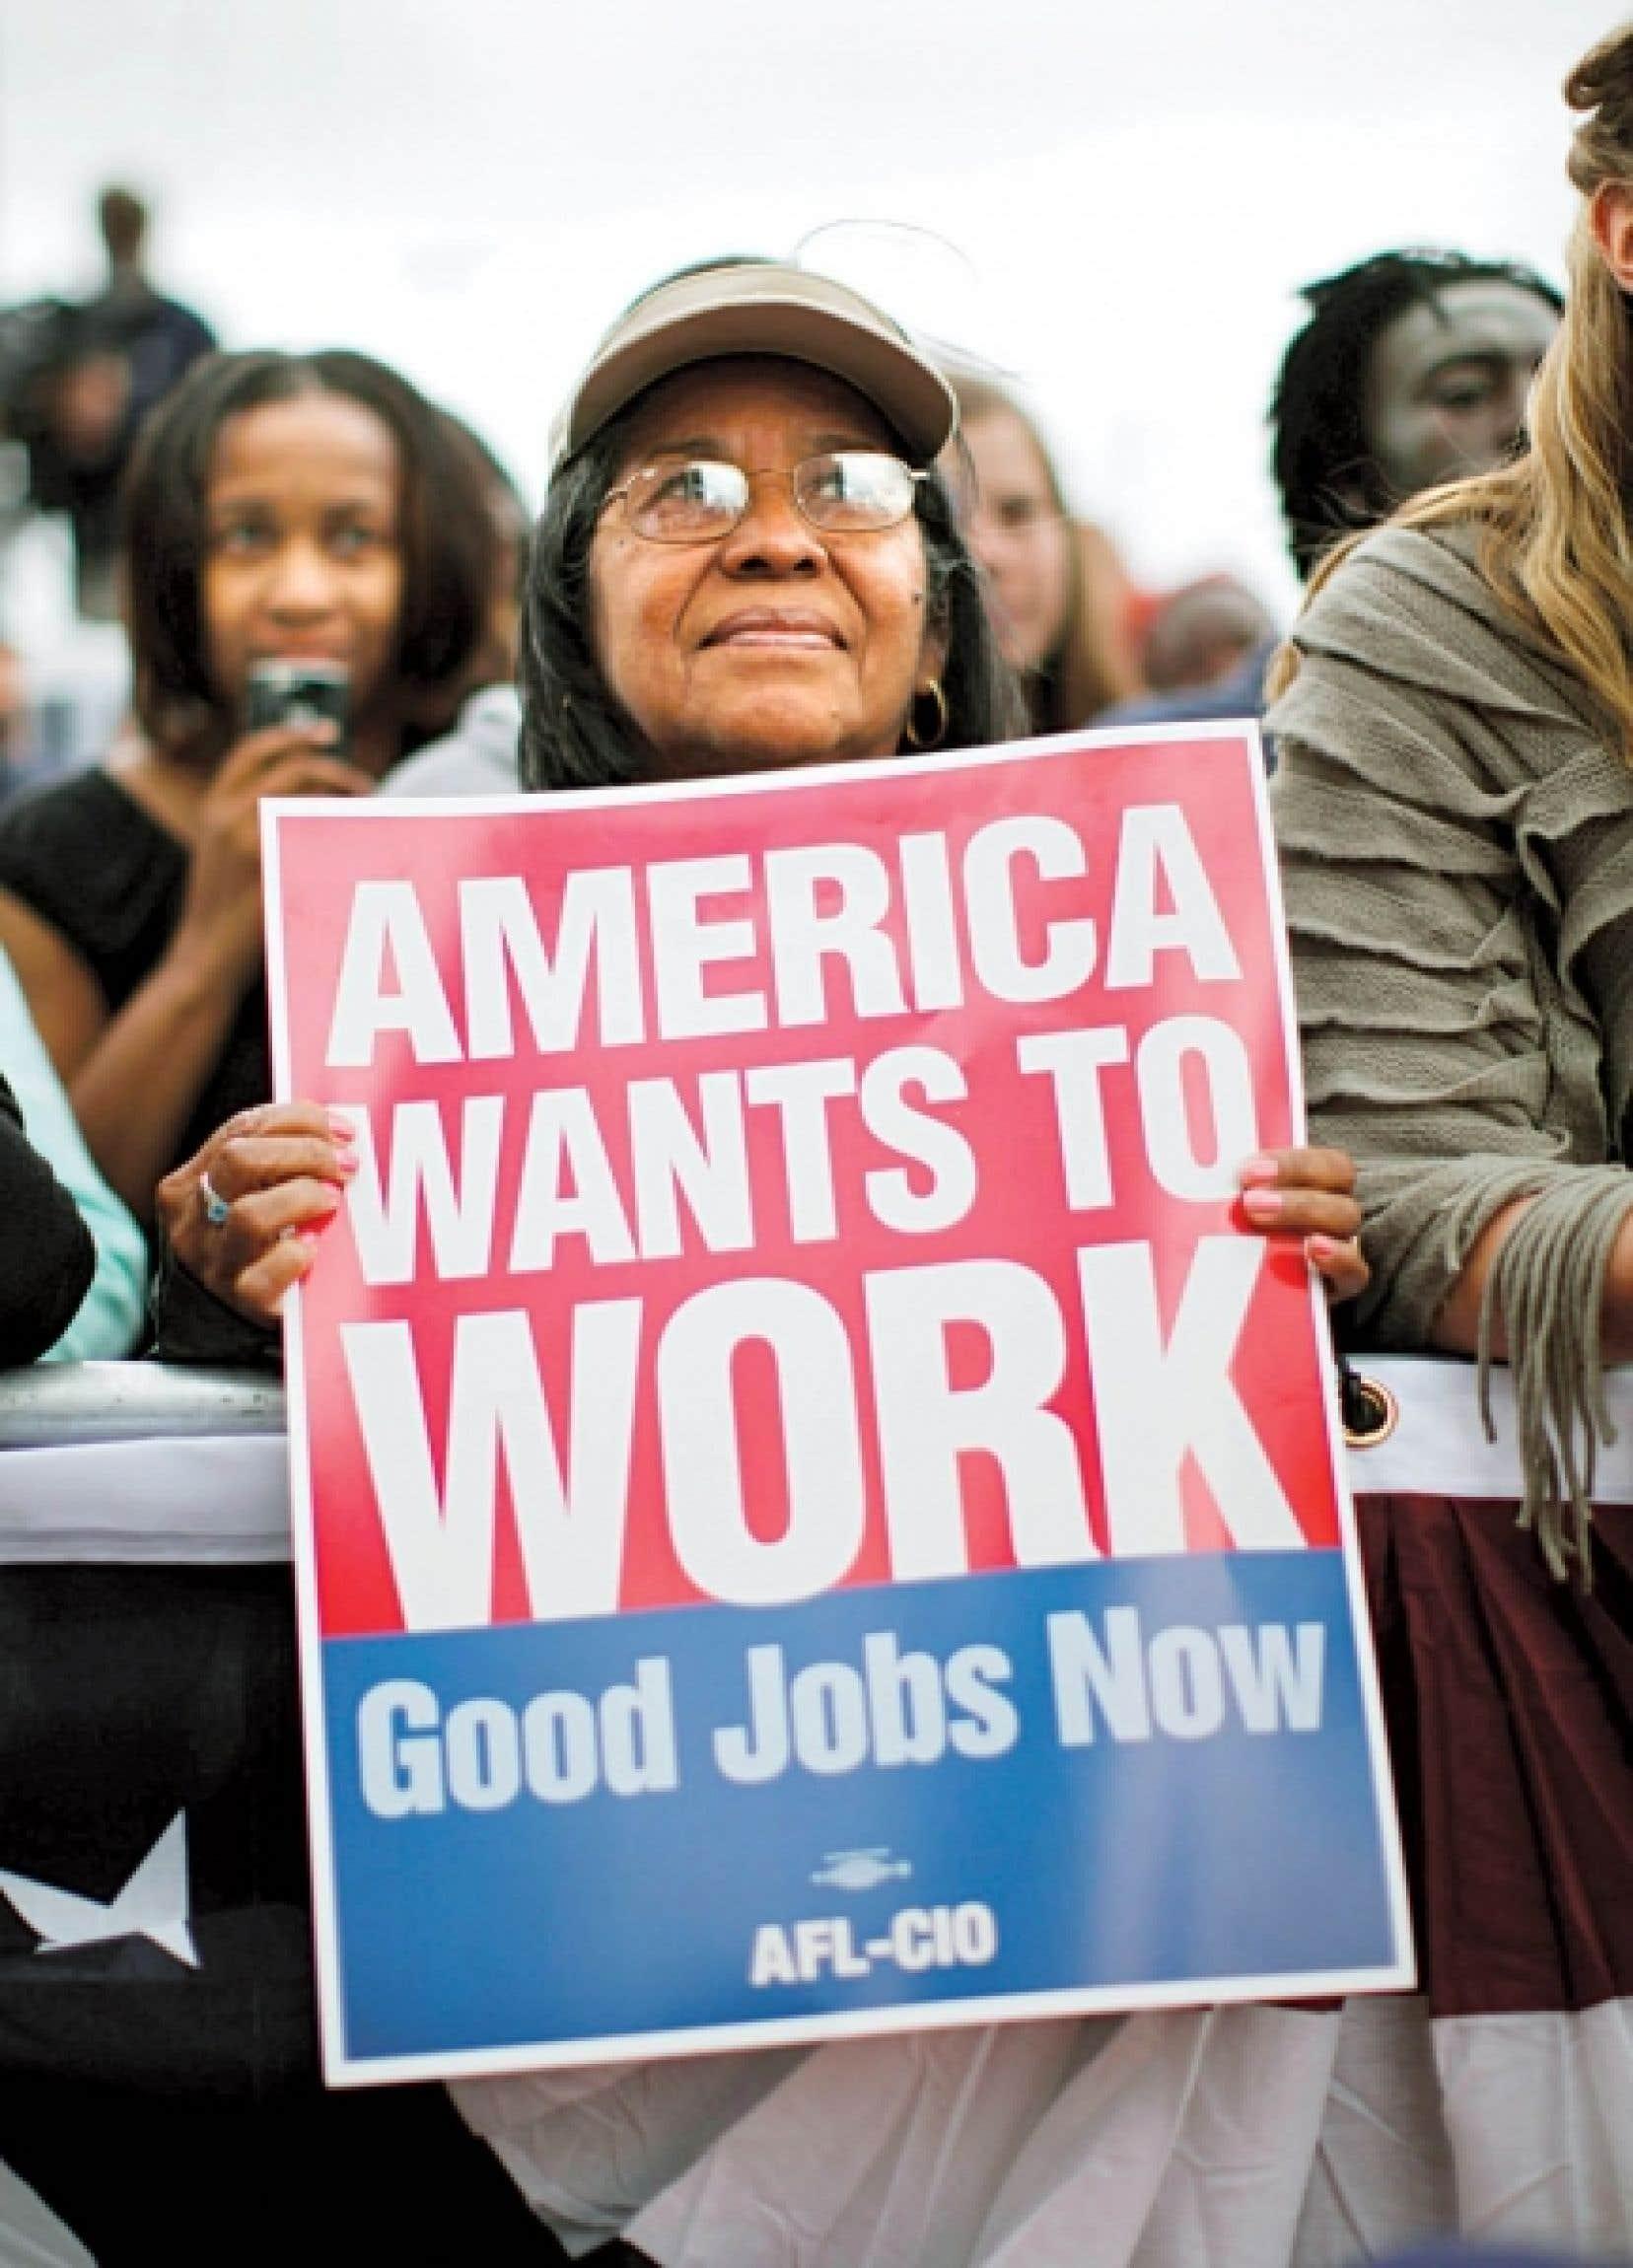 Une femme, qui assistait lundi à un discours que prononçait Barack Obama à l'occasion de la fête du Travail, brandissait une pancarte disant que «l'Amérique veut travailler».<br />